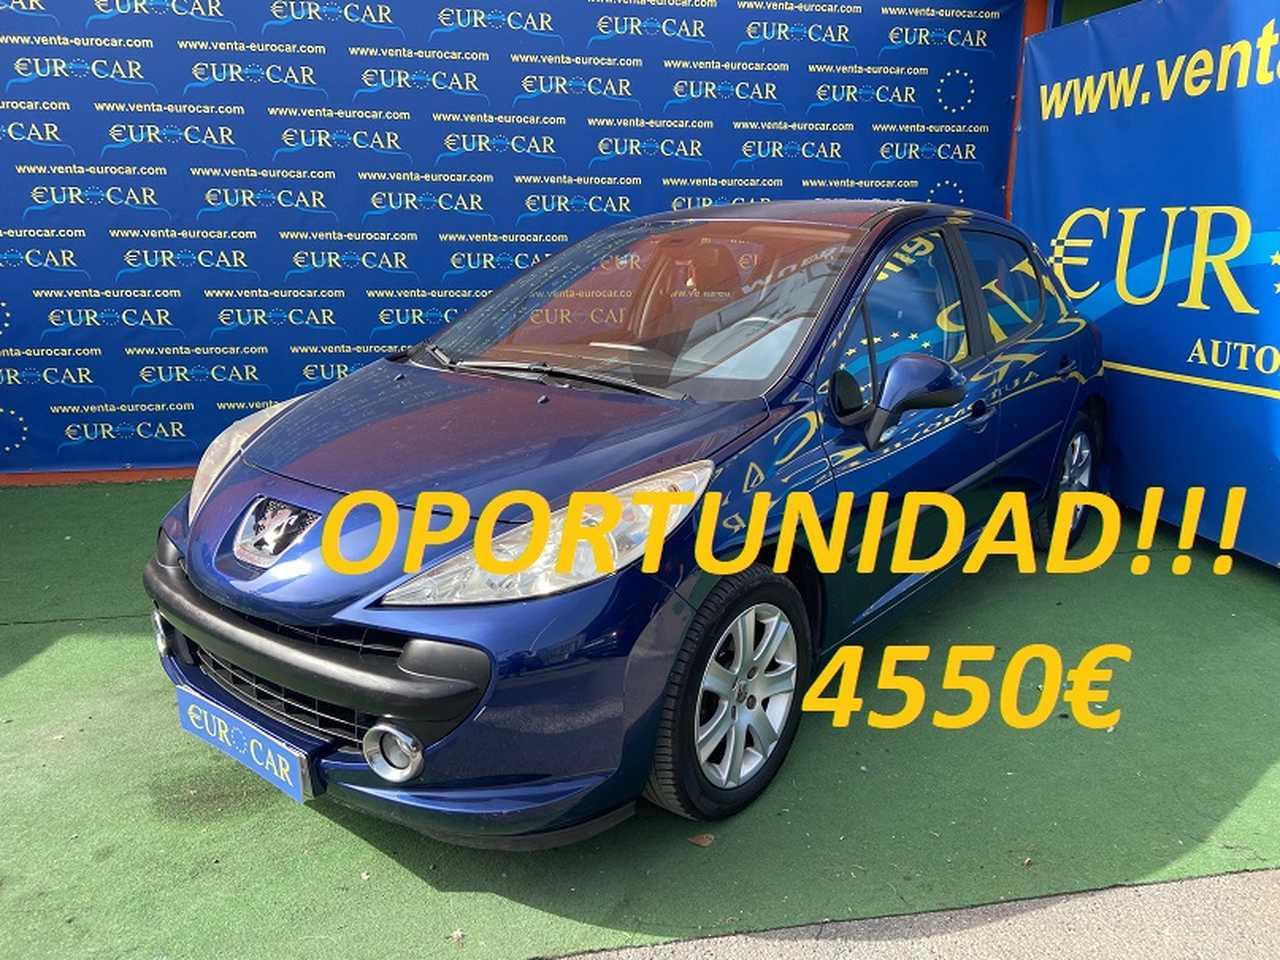 Peugeot 207 ocasión segunda mano 2007 Gasolina por 4.550€ en Alicante